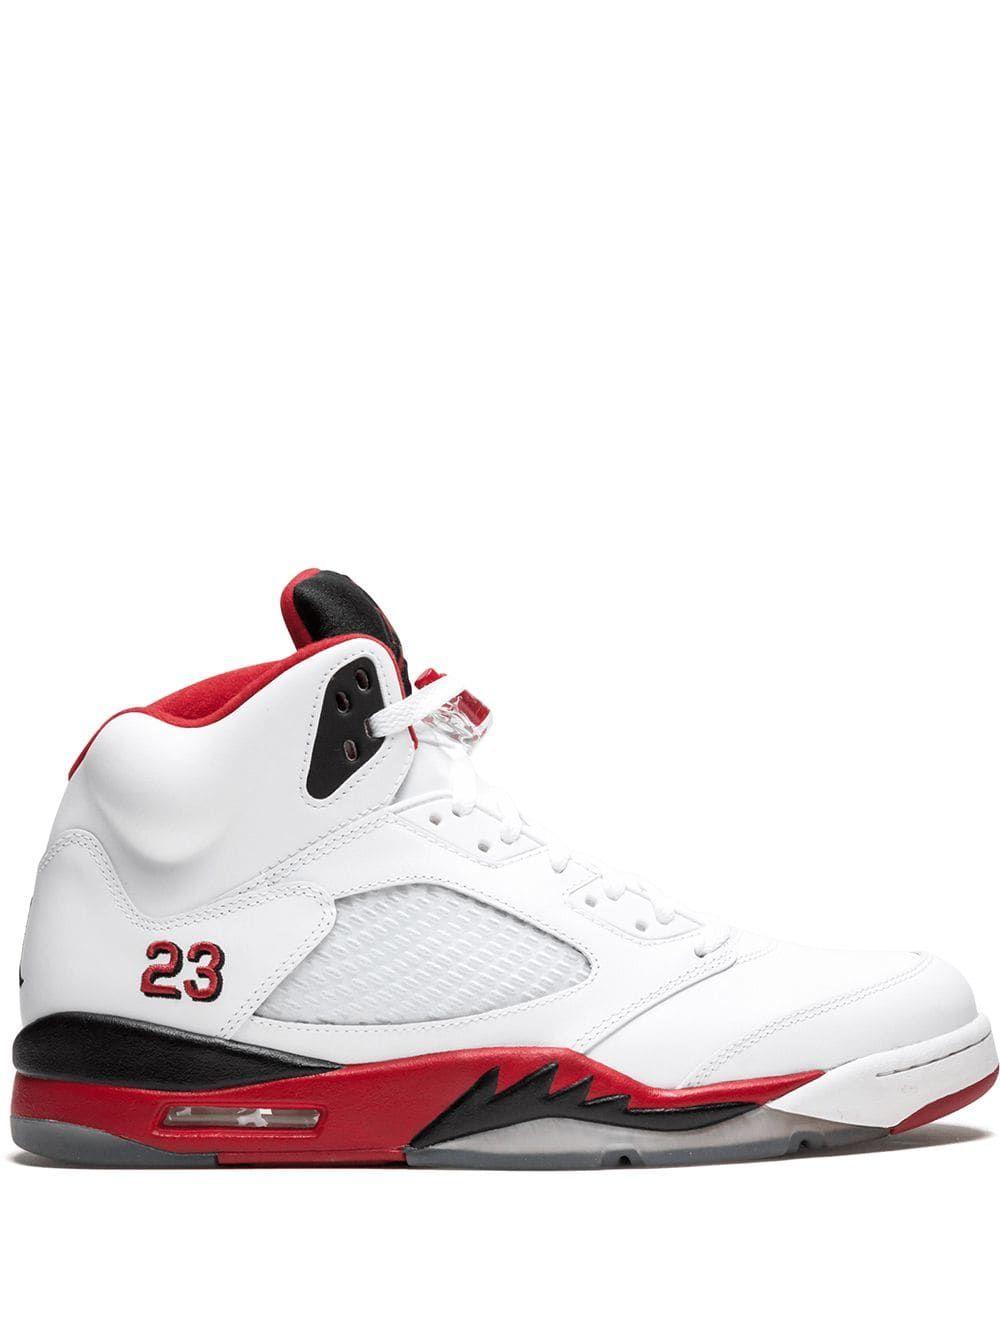 brand new e235c e6158 Jordan Air Jordan 5 Retro hi-top sneakers - White in 2019 ...